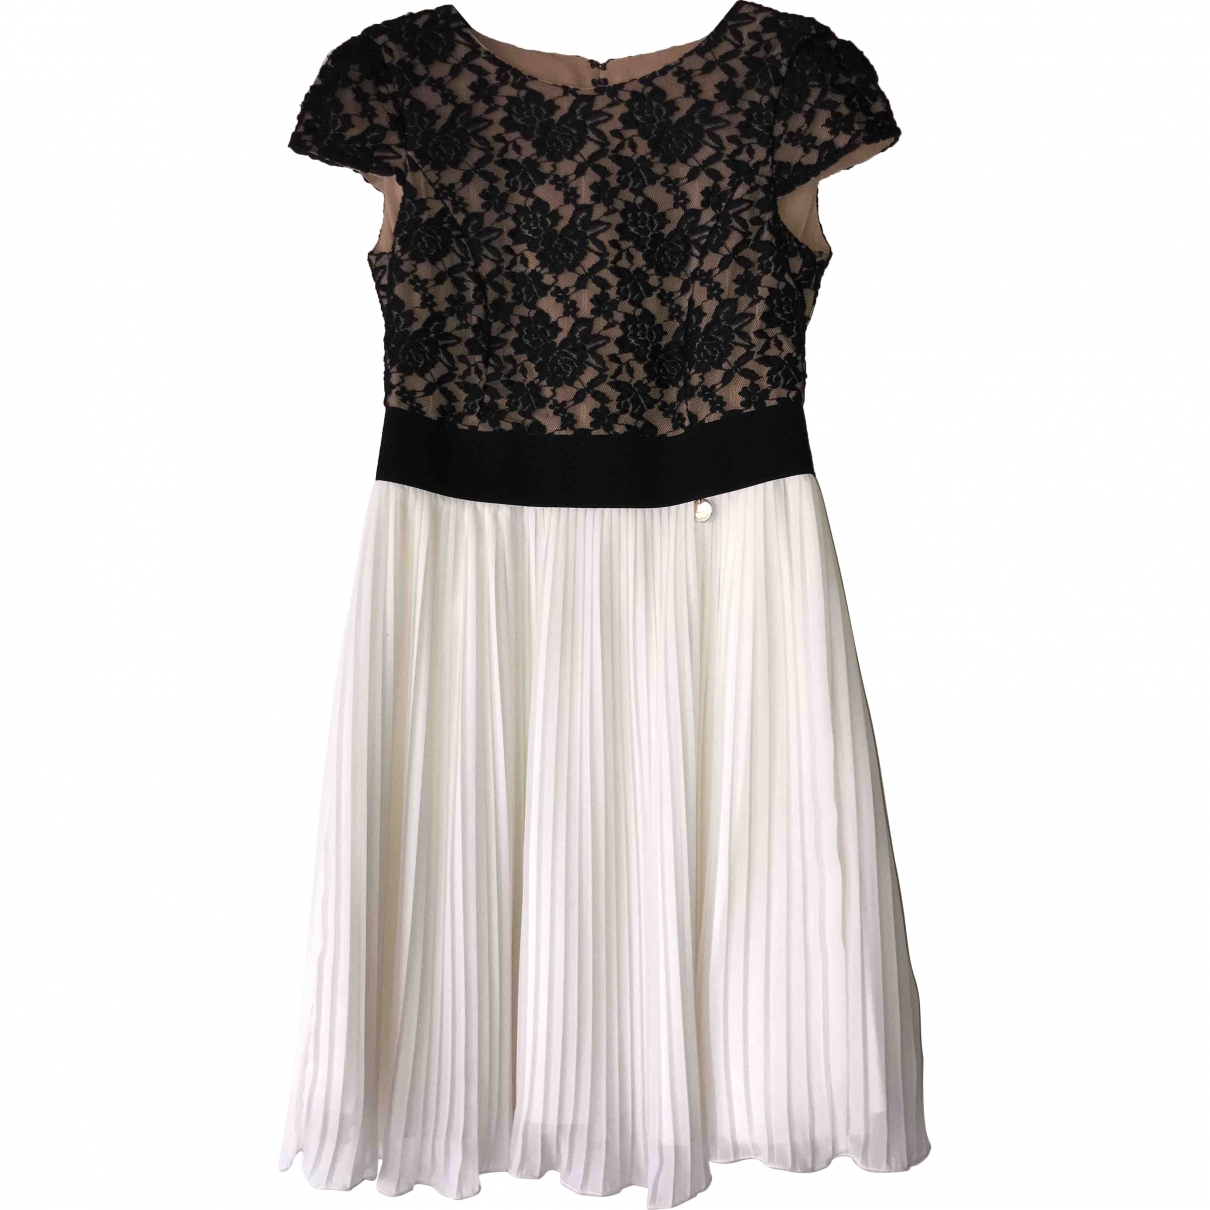 Mangano \N Kleid in  Schwarz Spitze